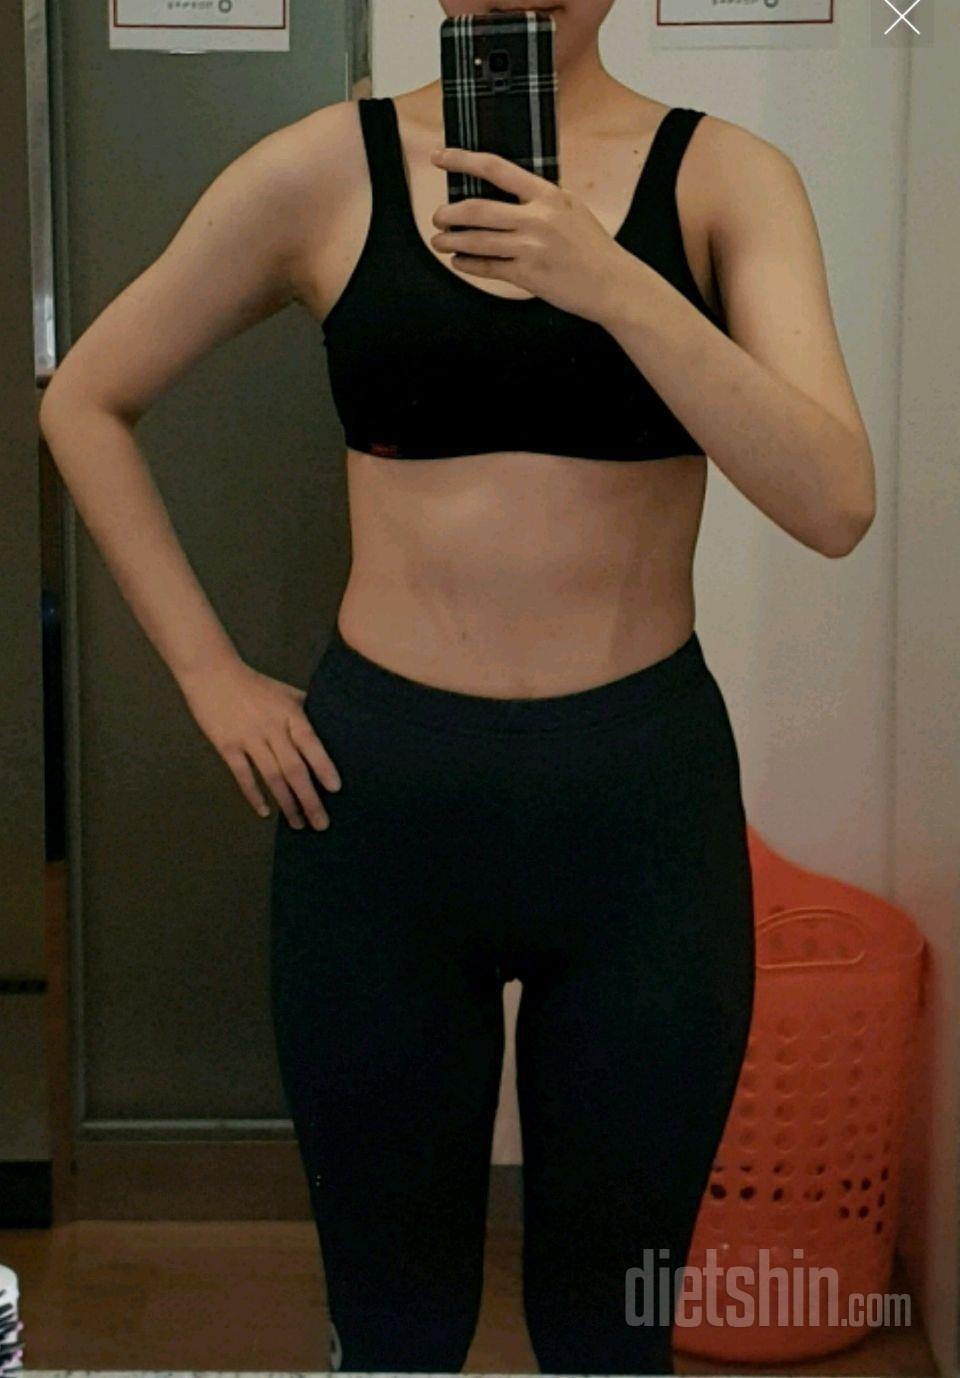 6개월 62kg-&gt\;52kg 비포애프터